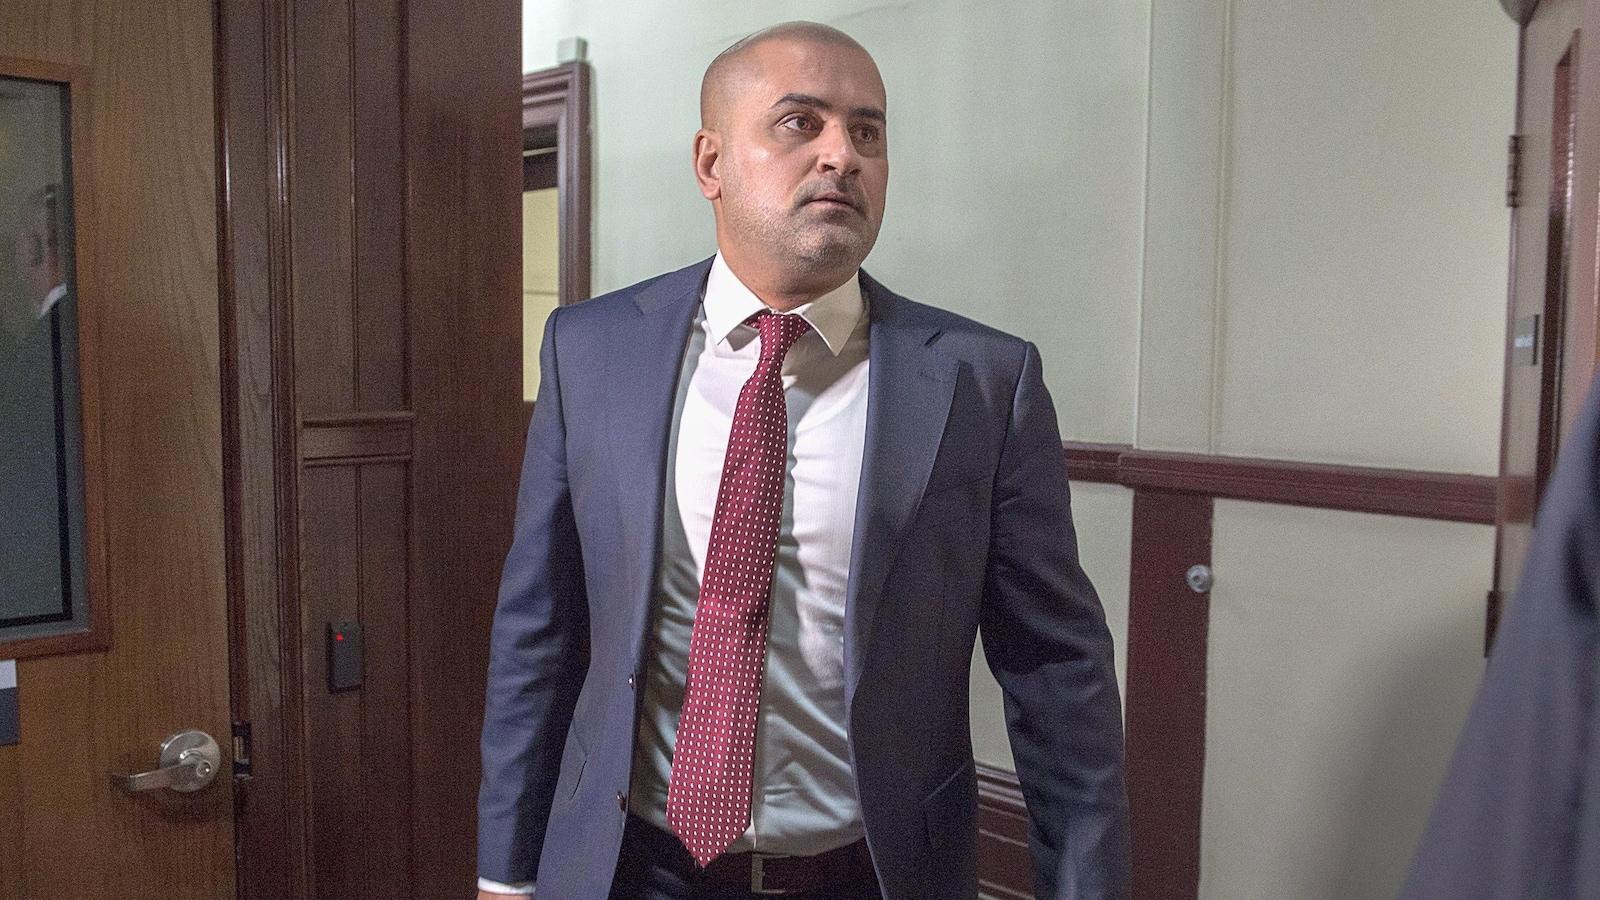 Bassam Al-Rawi arrive en cour provinciale à Halifax le 7 janvier 2019.